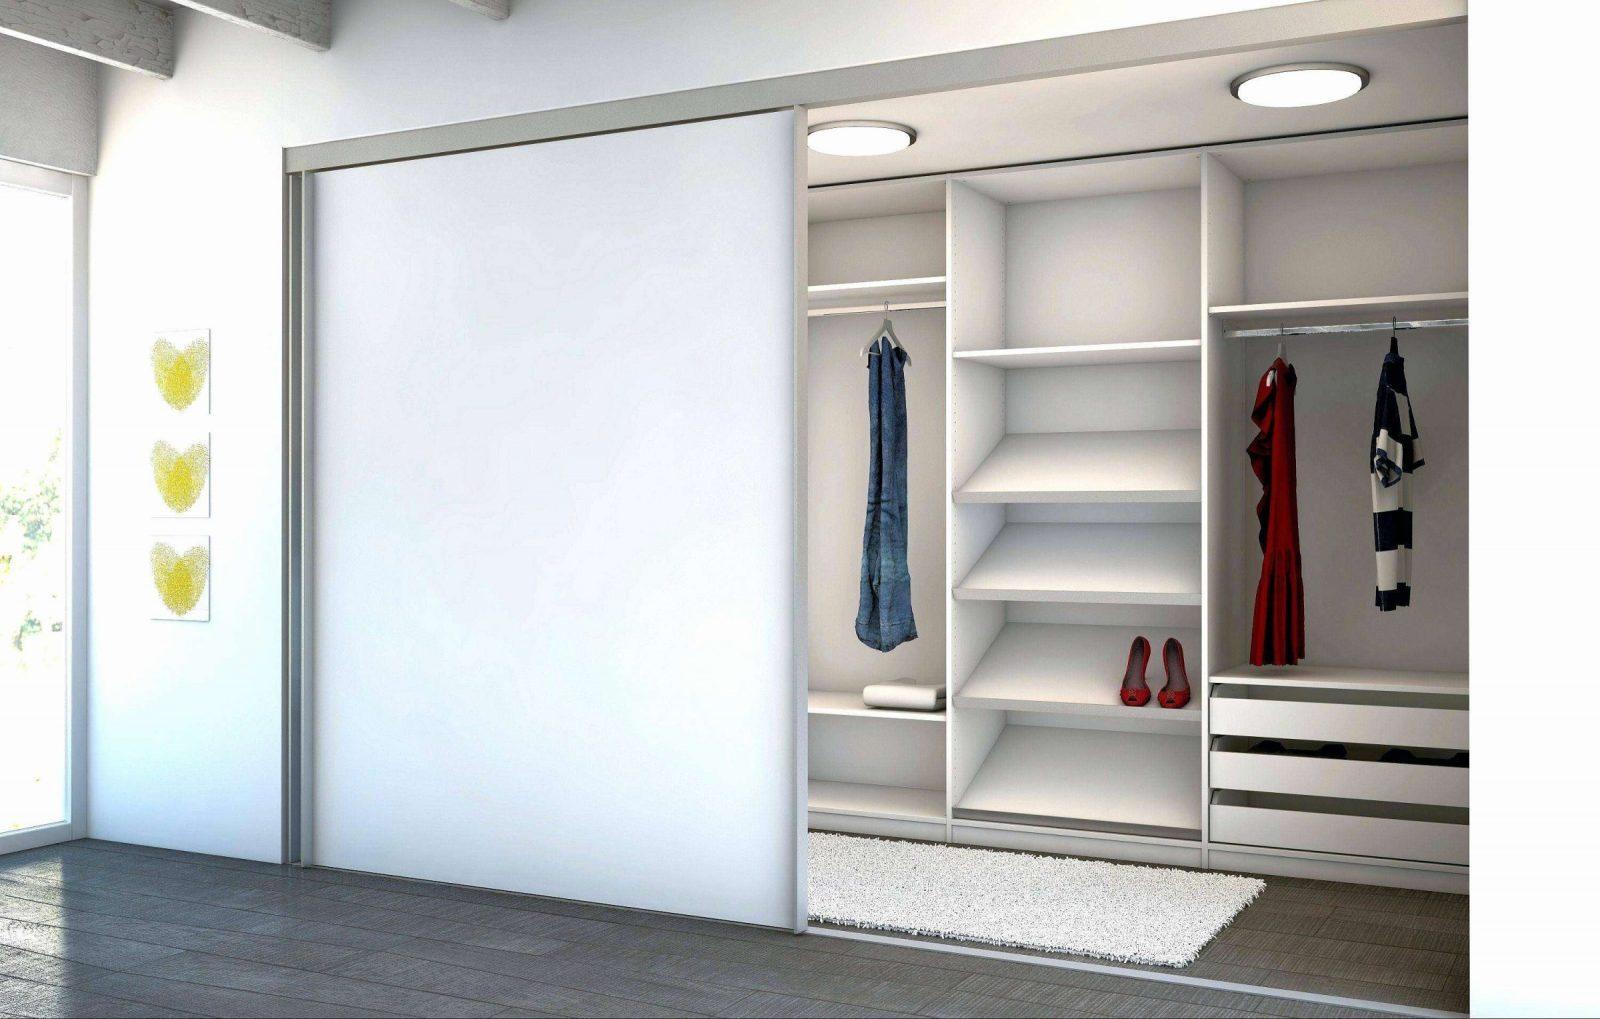 45 Schön Terrassenmöbel Selber Bauen Galerie  Vervollständigen Sie von Schiebetür Selber Bauen Anleitung Bild